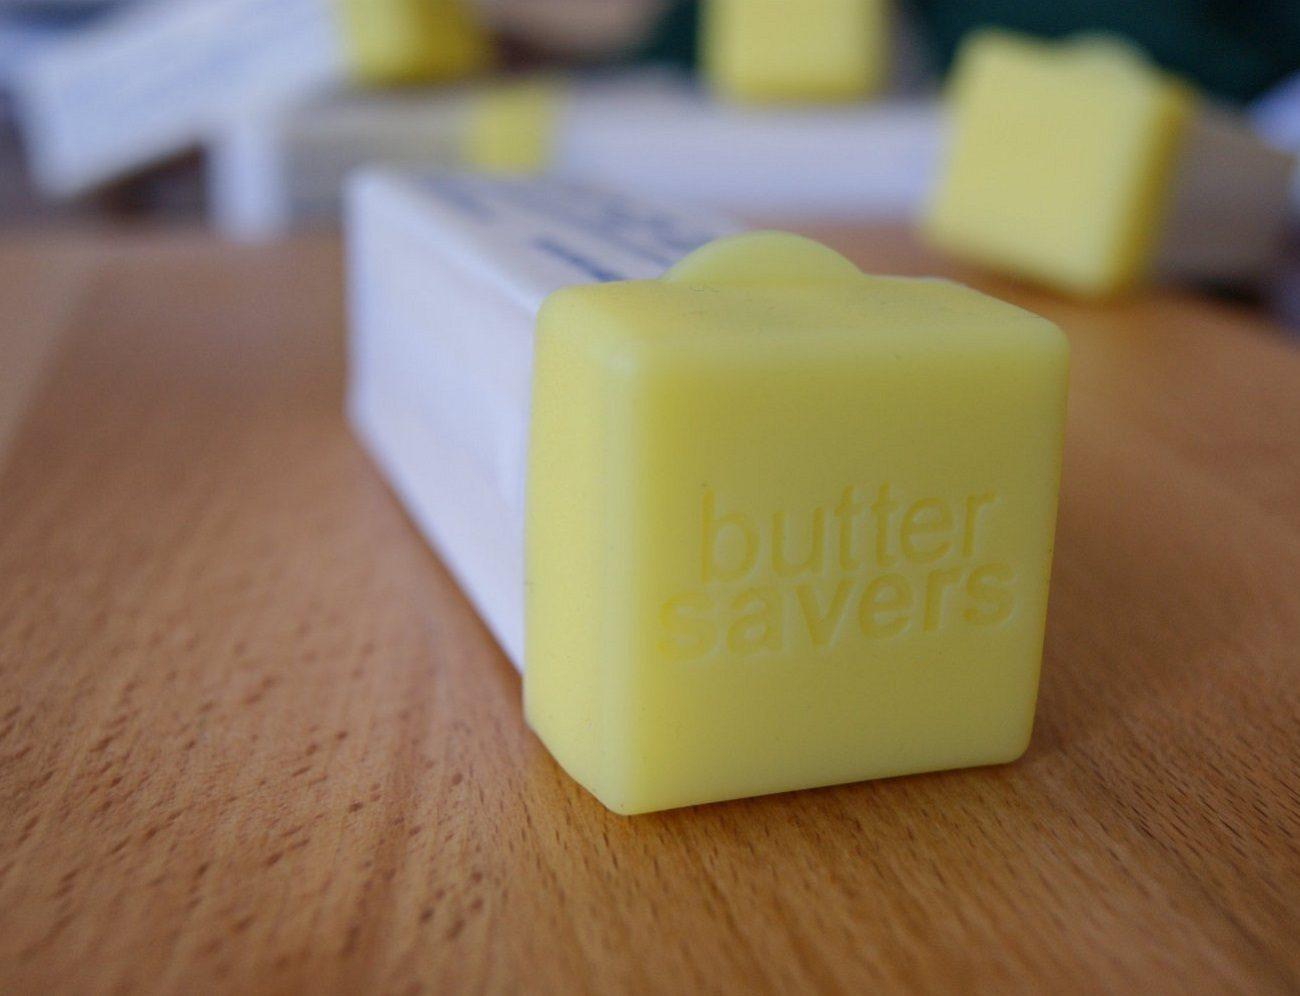 Butter+Saver